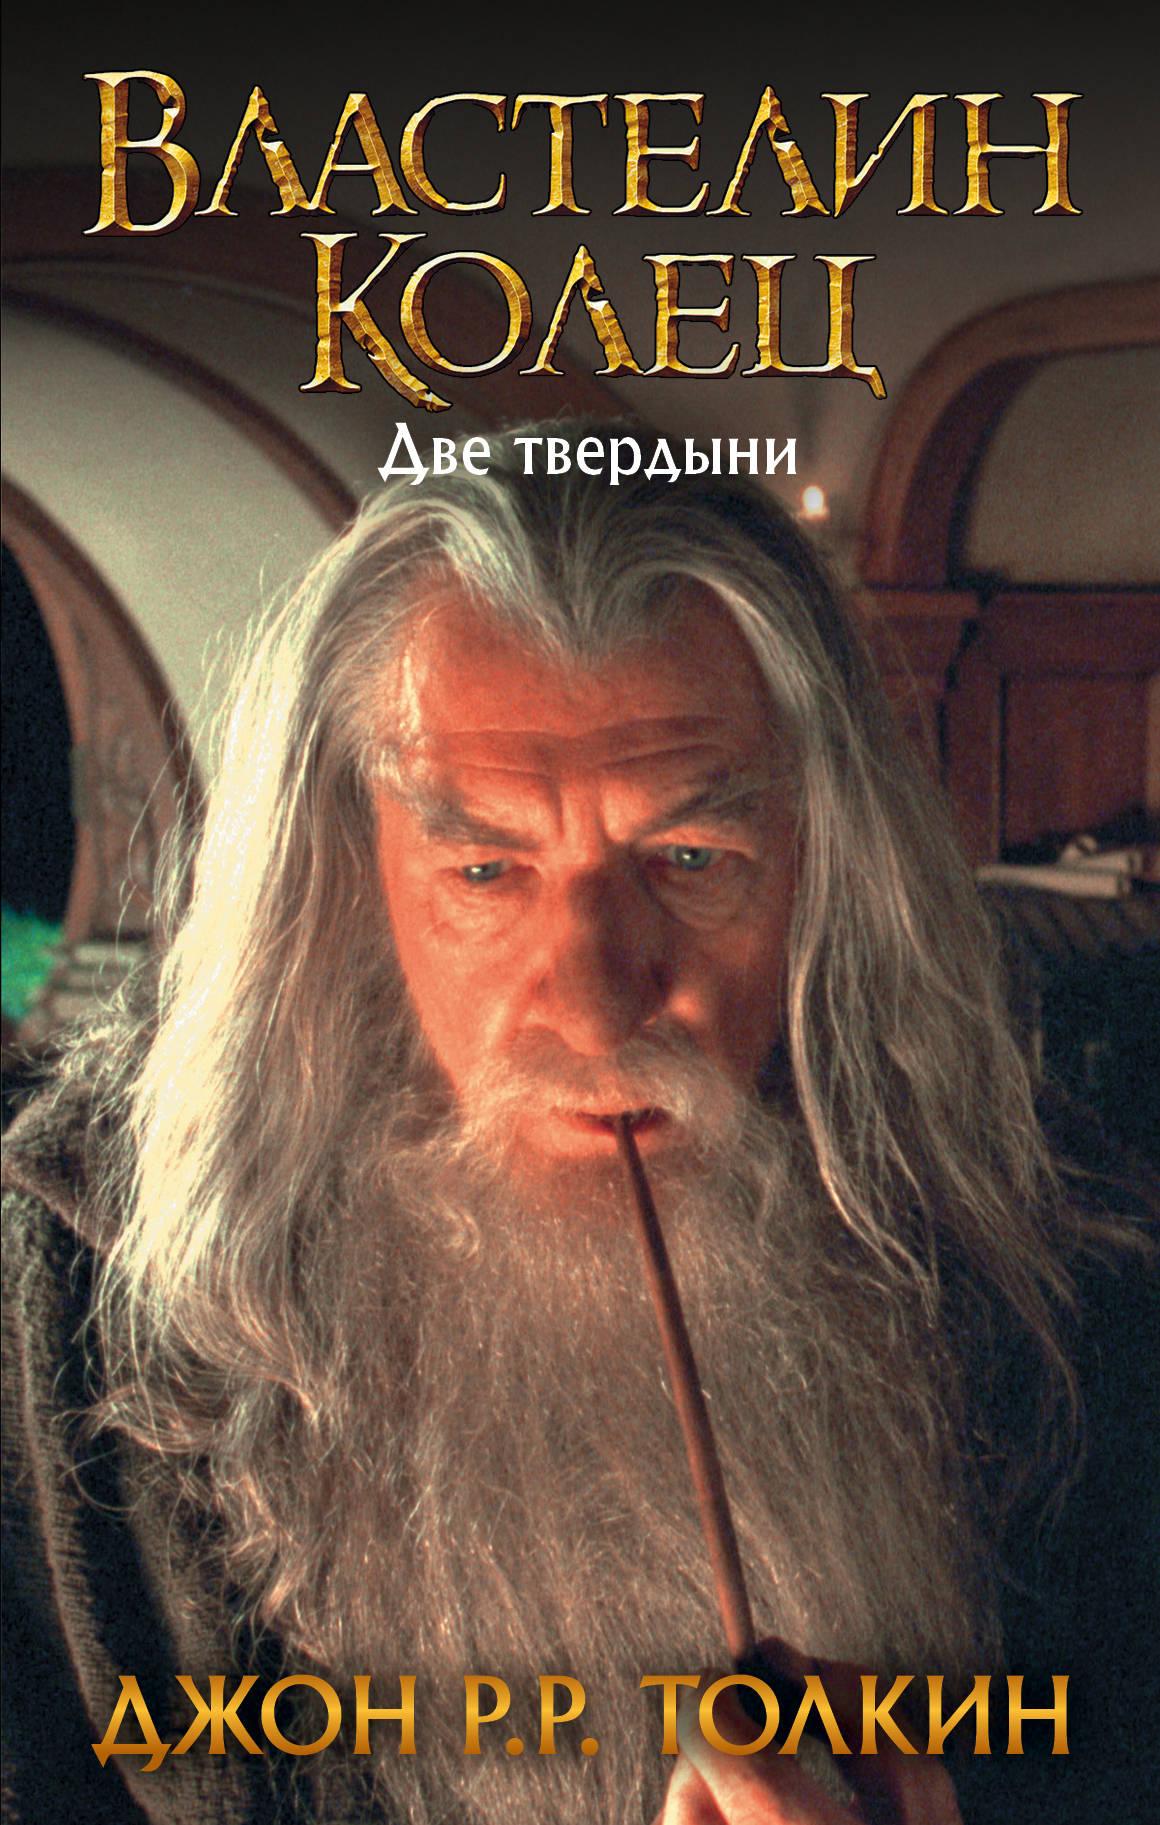 Джон Р.Р.Толкин Властелин Колец. Две твердыни органный мир фэнтези хогвартс и властелин колец 2018 12 29t15 00